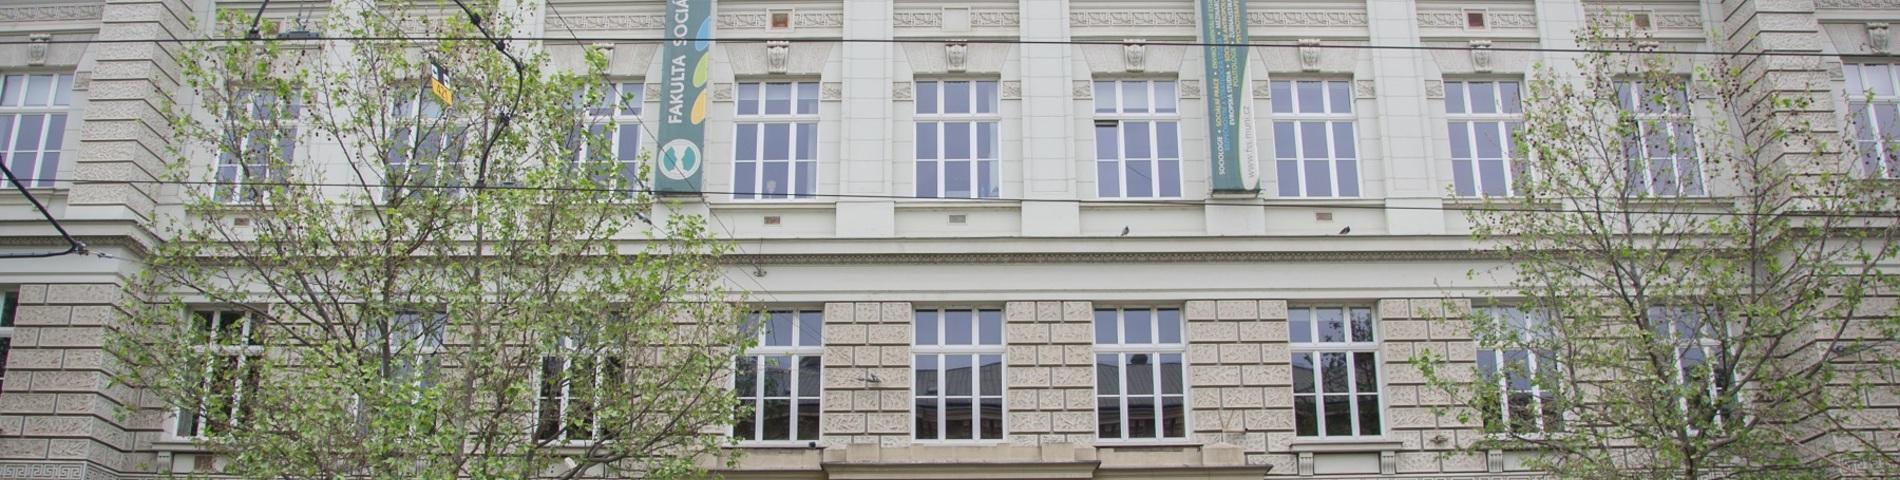 CA Institute รูปภาพ 1